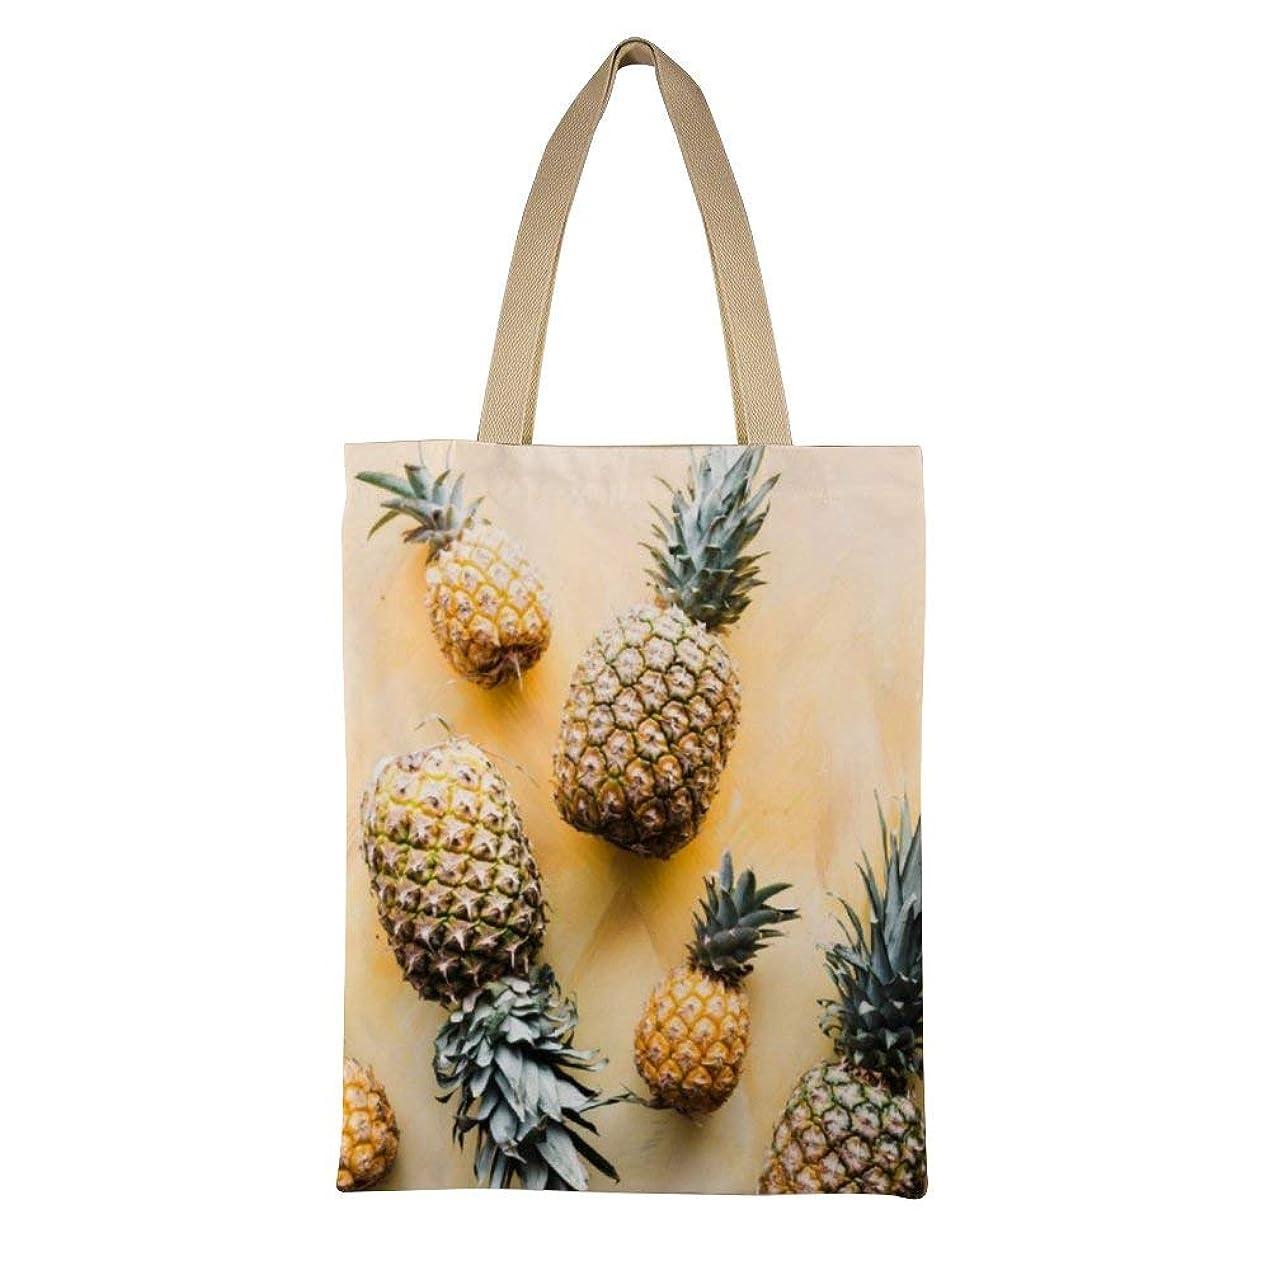 温かいネコ巨大Pineapple Tapestry Yellow Tropical Ananas Wall Hanging Fruit Tapestries レディース キャンバストートバッグ ハンドバッグキャンバスショルダーバッグ通勤通学 大容量 軽量